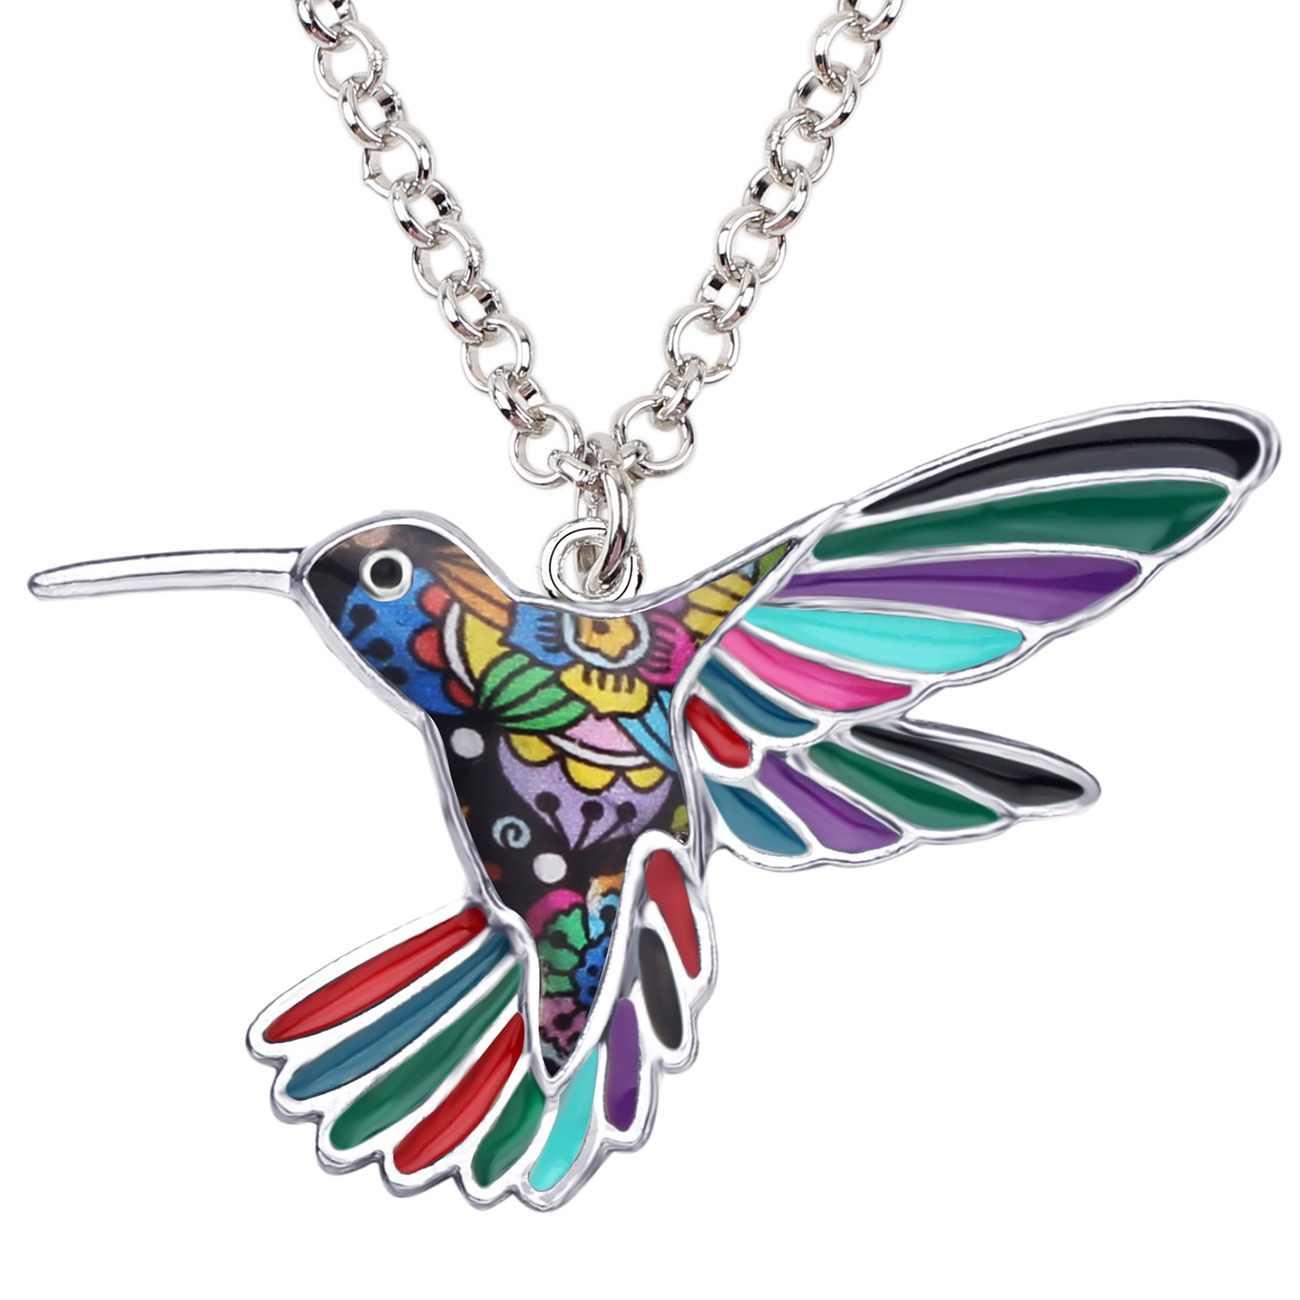 6607725e635c Bonsny declaración de aleación de esmalte colibrí pájaro colgante de collar  de cadena de moda Vintage